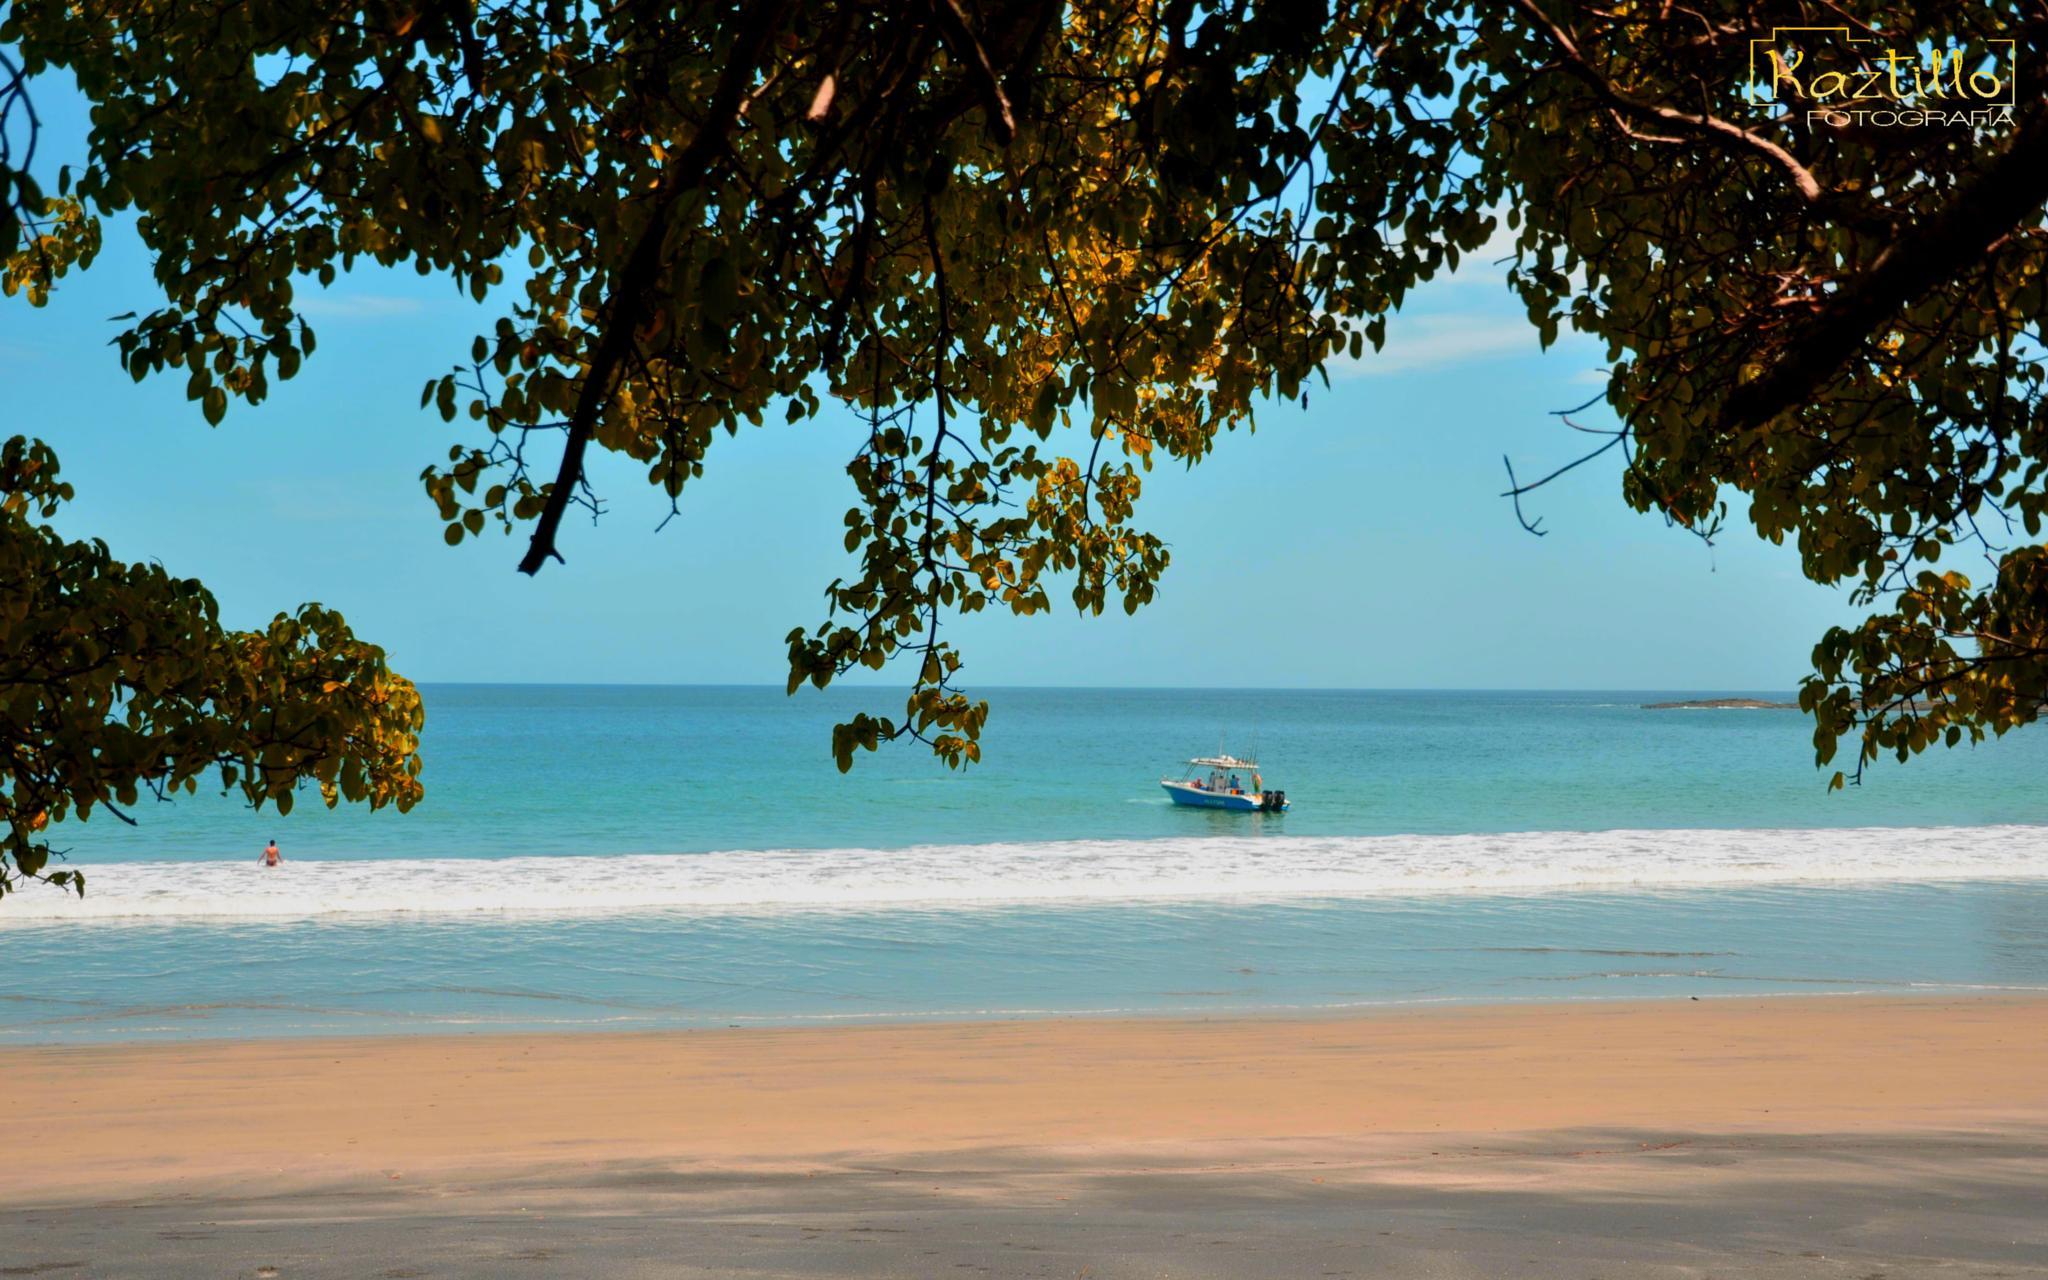 Beach and relax by Kaztillo Fotografía